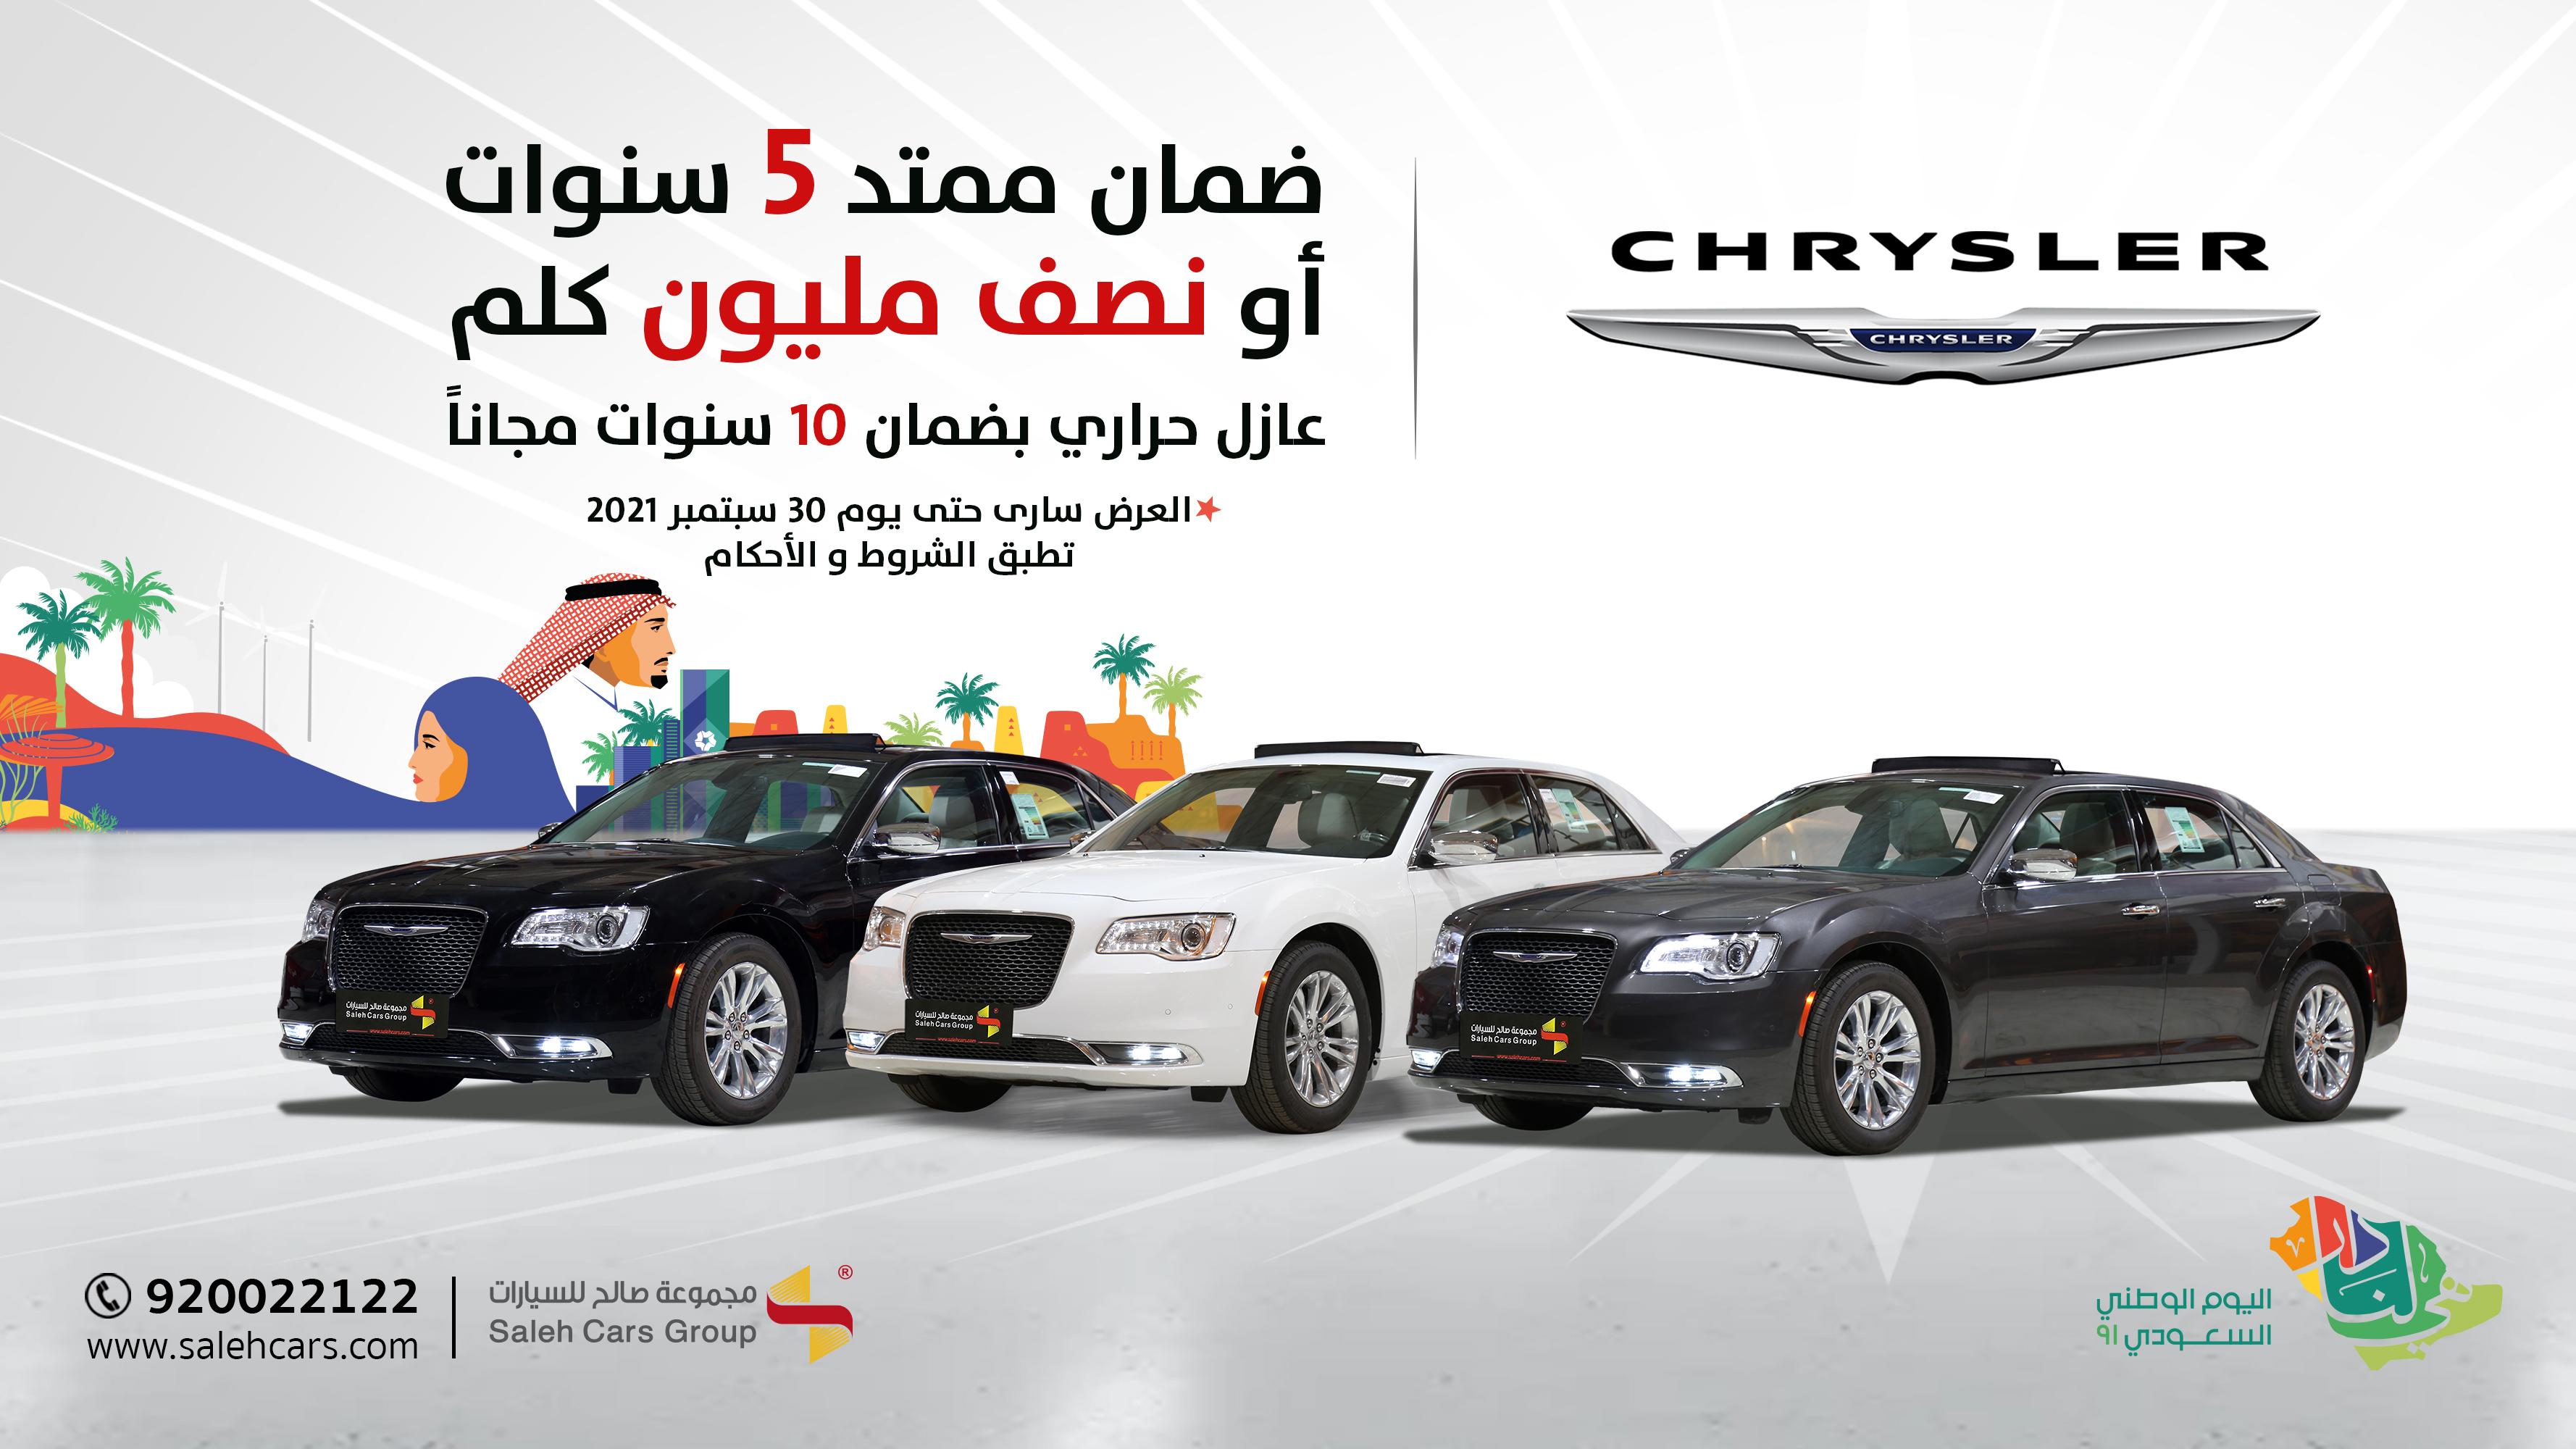 عروض Chrysler لليوم الوطني